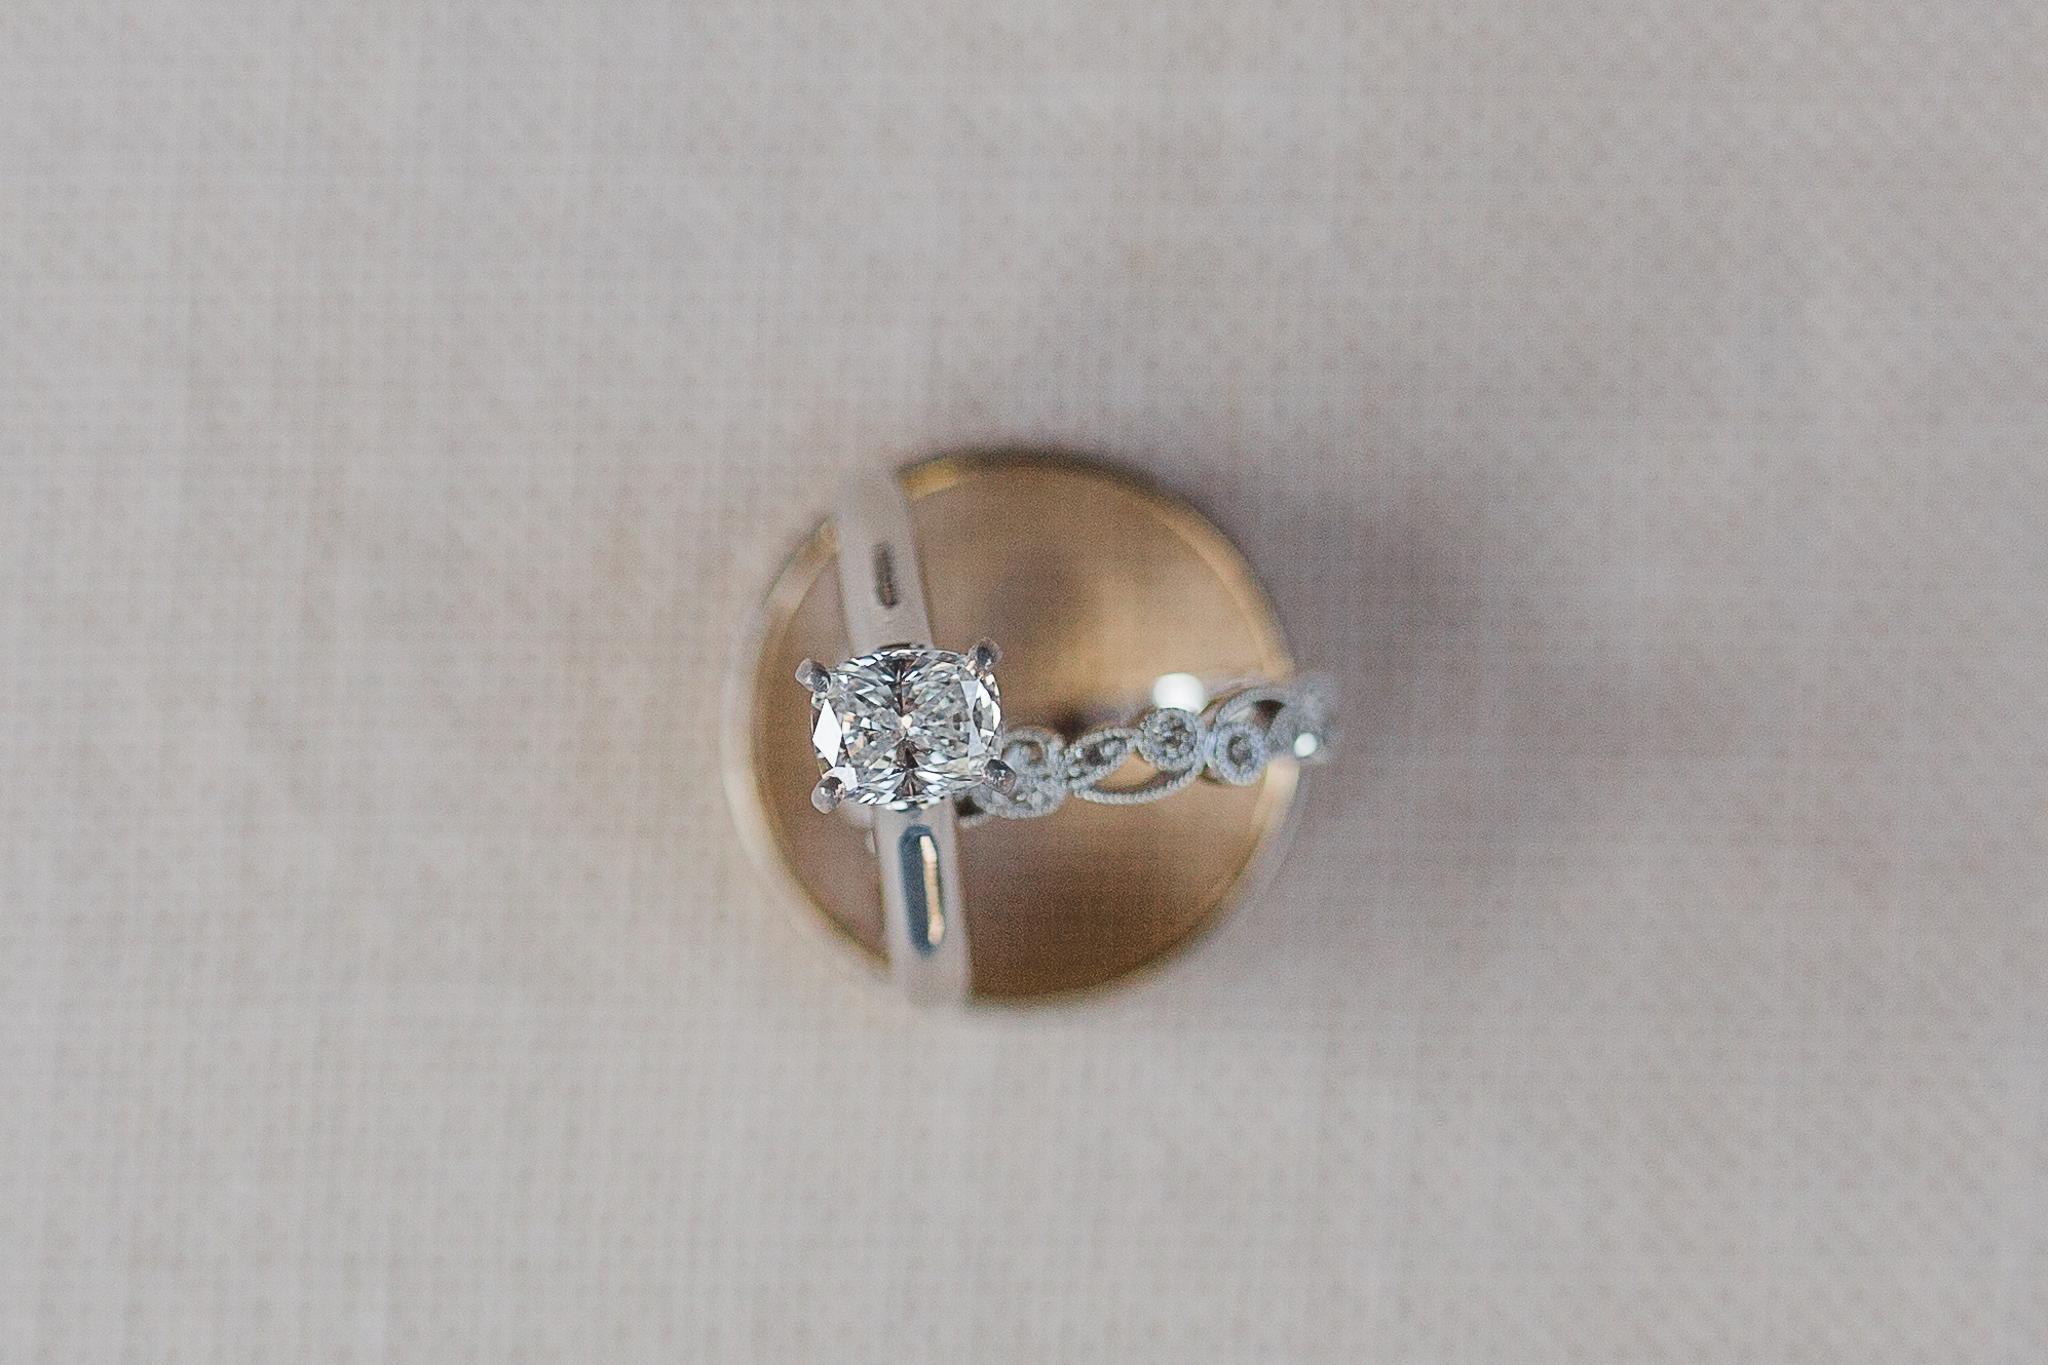 detail shot of wedding rings